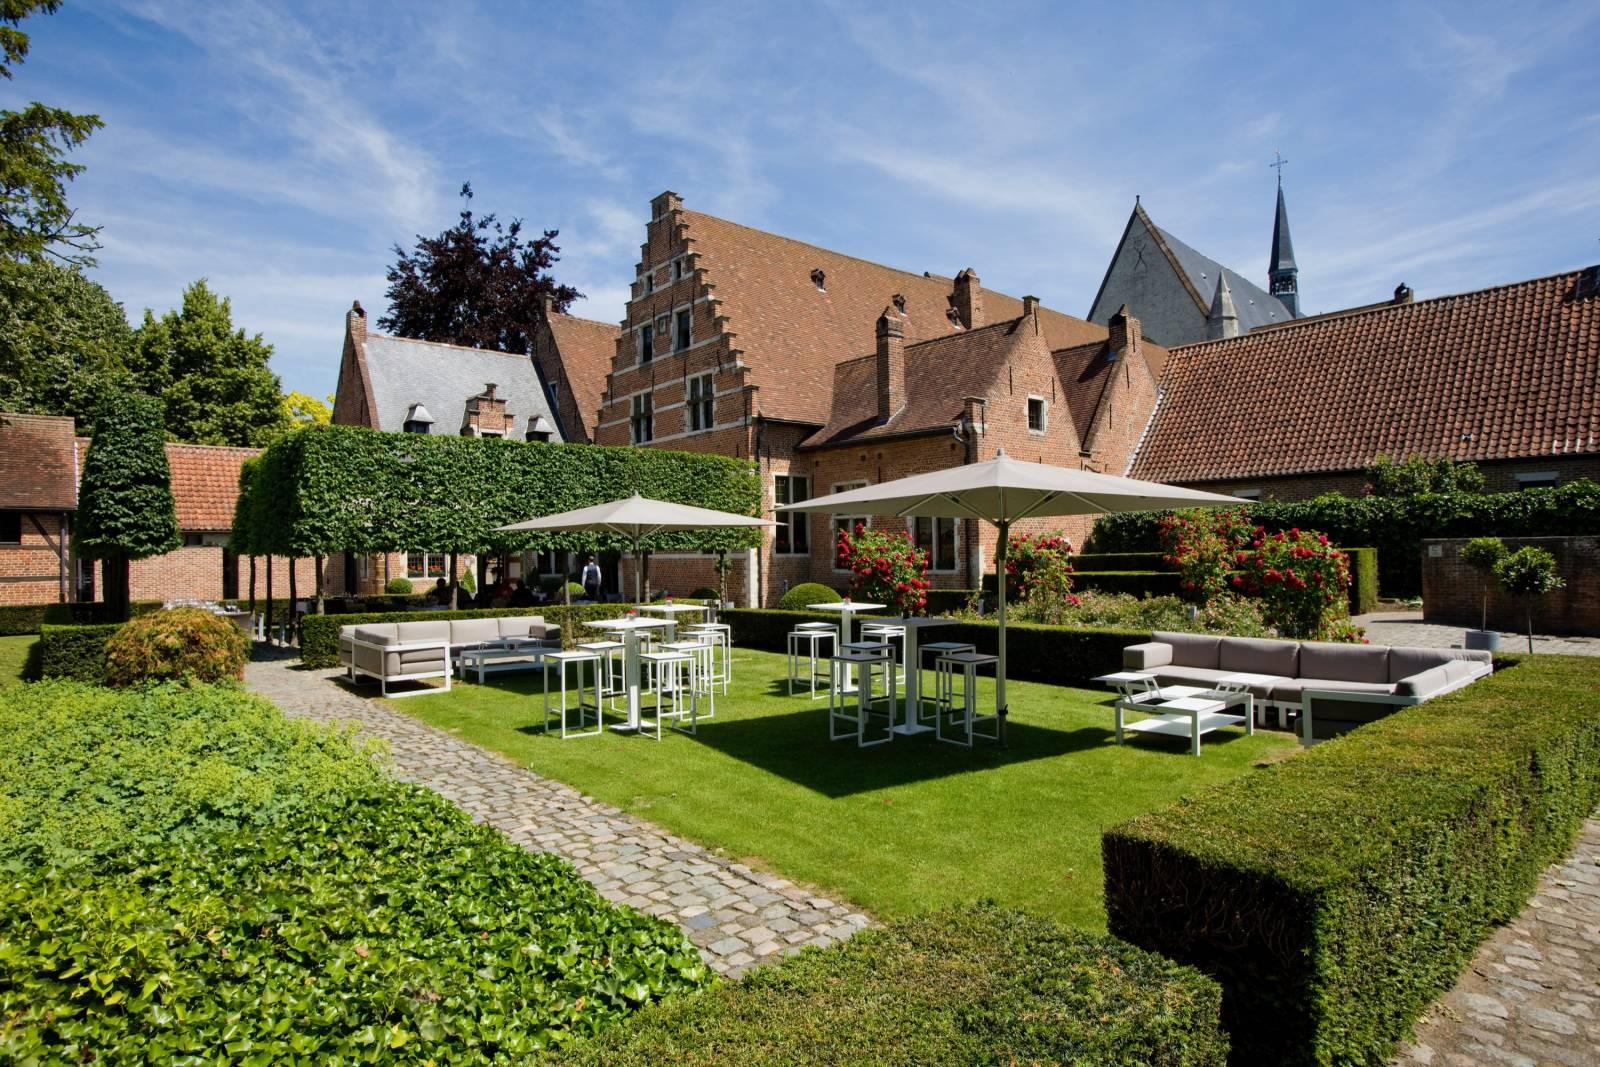 Faculty Club - Feestzaal - Feestlocatie - Rustiek - Historisch - Leuven (Vlaams-Brabant) - House of Events - 42